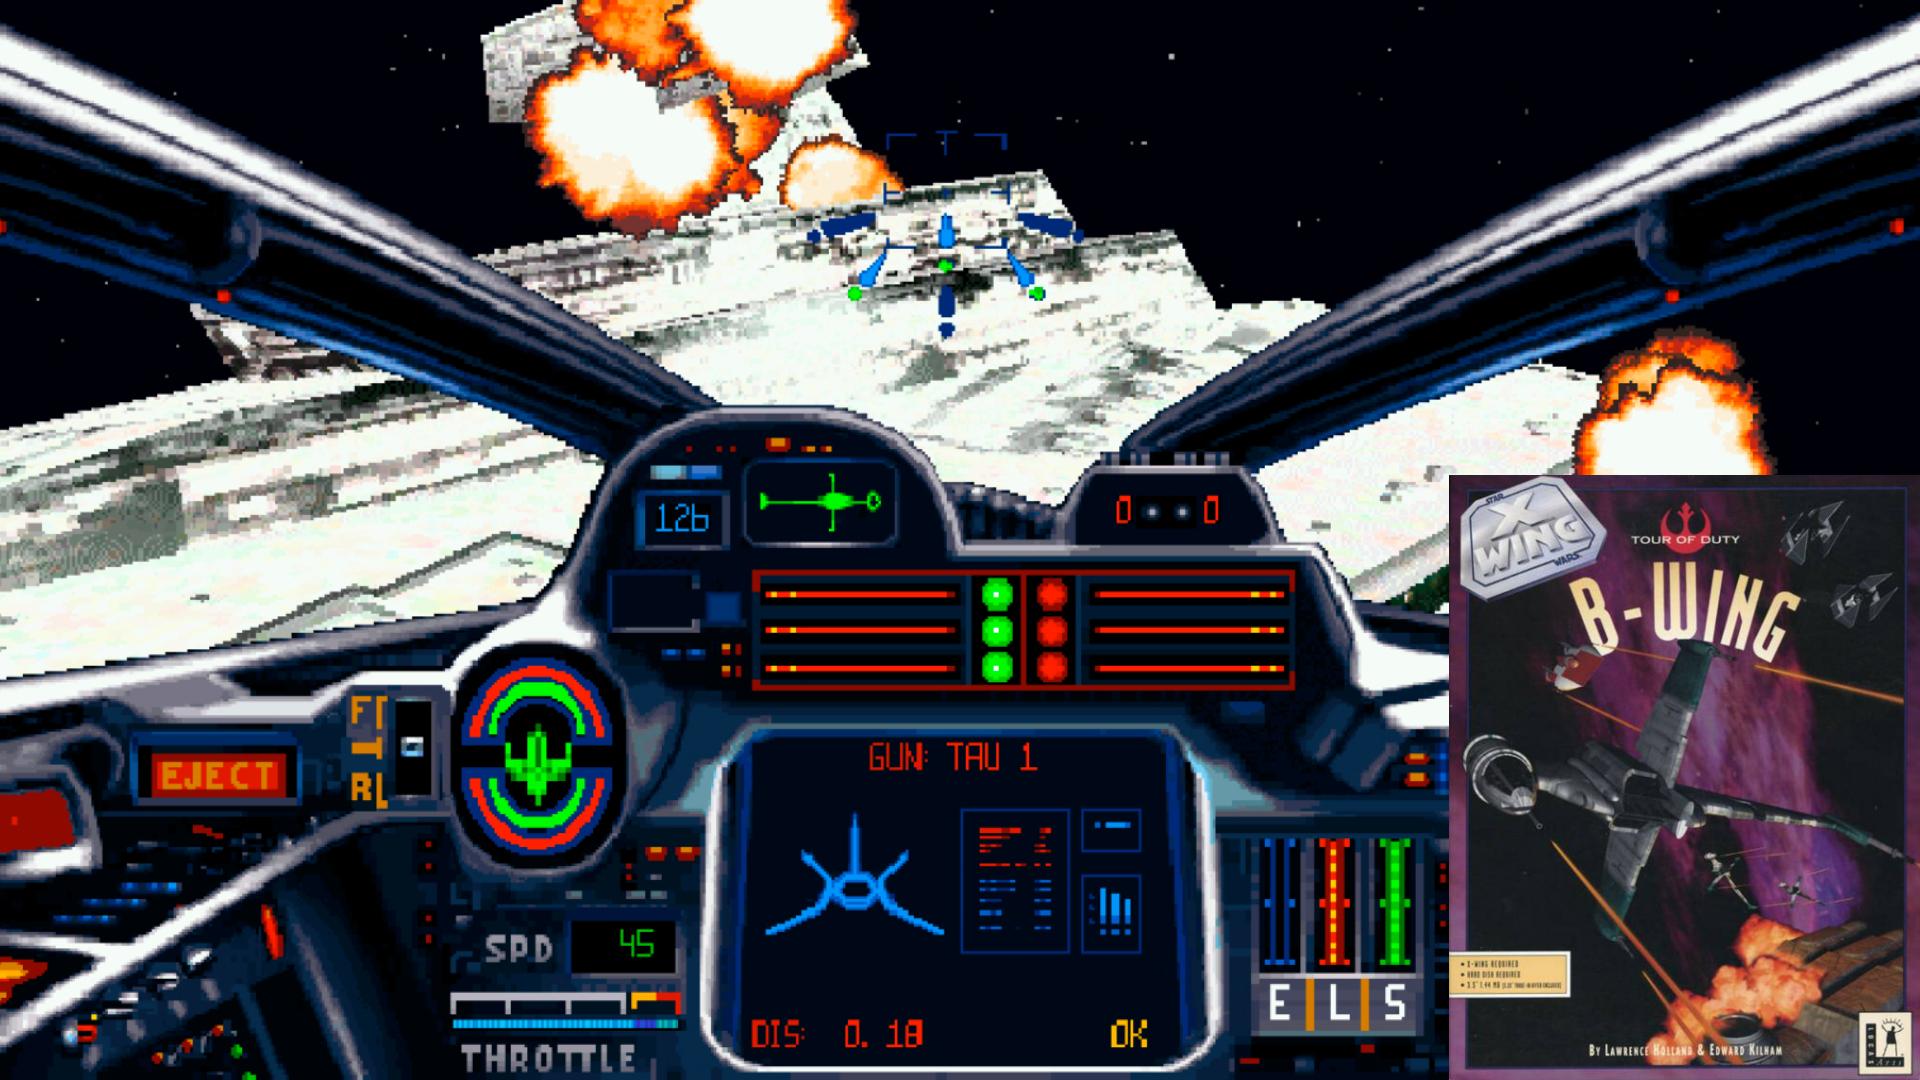 X-Wing, der große Konkurrent der Wing Commander-Reihe aus dem Hause LucasArts, setzte auf CPU- und Speicher-freundliche, ausgefüllte Polygon-Grafik. Vom 286er bis 486er konnte jeder PC User das spannende Weltraumepos spielen. Die Mission Disk B-Wing spendiert den Rebellen-Piloten den titelgebenden, schwer gepanzerten Bomber. Harte Zeiten für Sternenzerstörer. Und Studienabschlüsse. (Bild: EA)